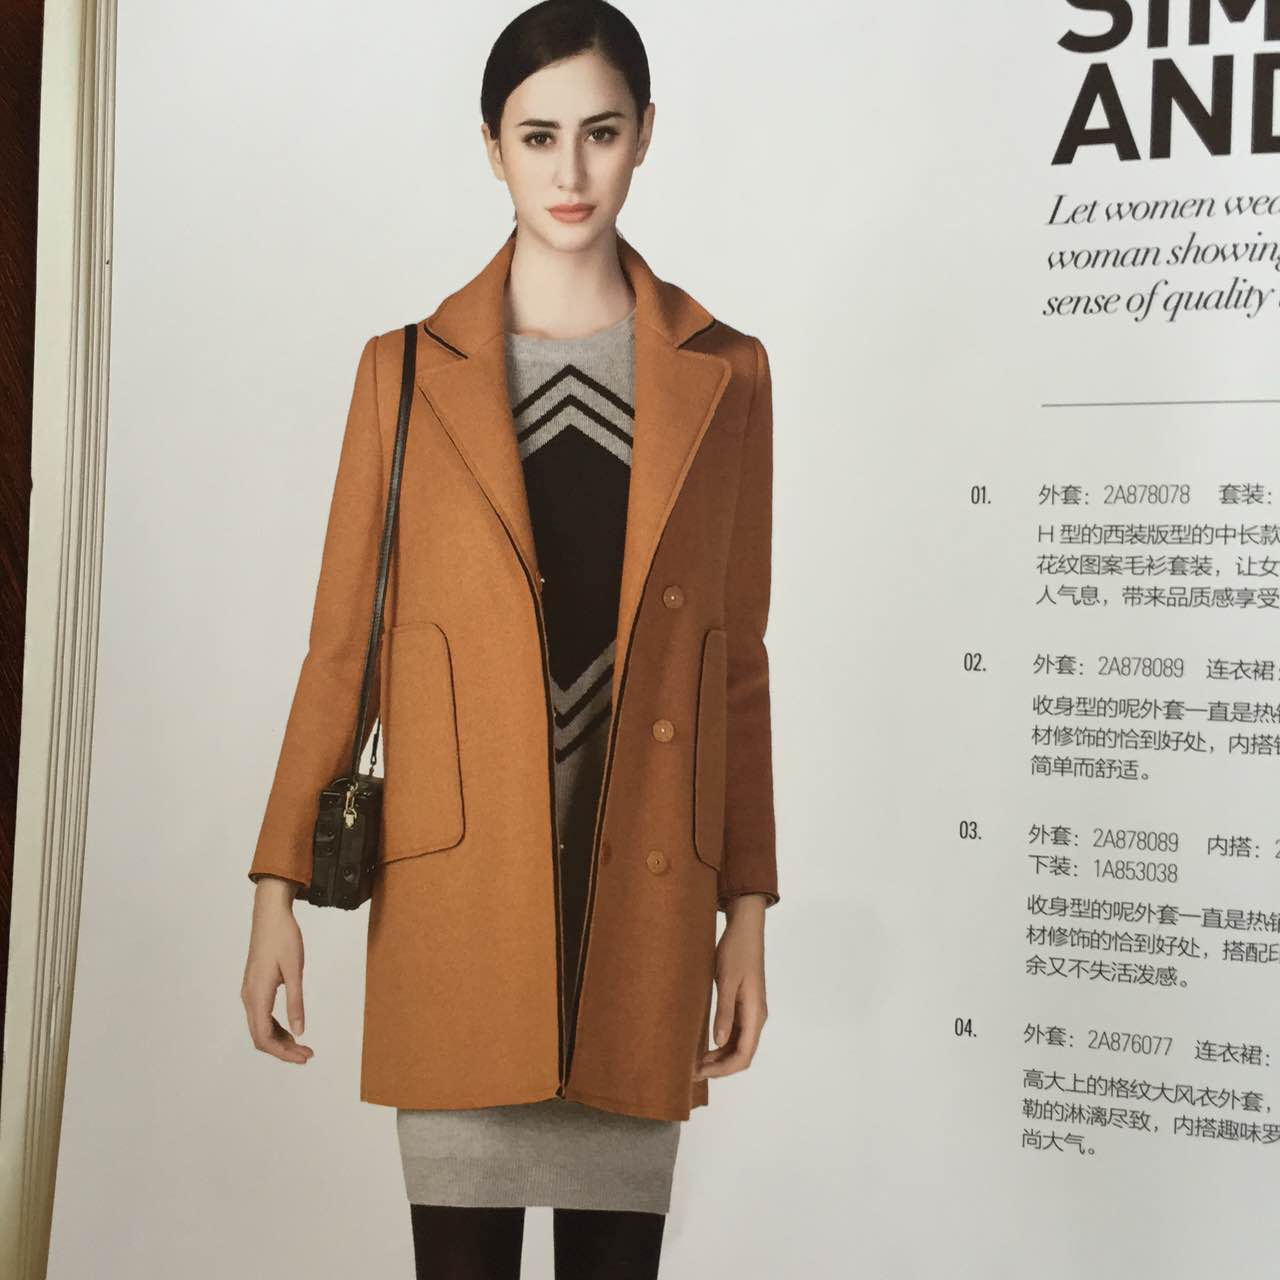 品牌折扣 依目了然新品冬装大衣连衣裙分份走份批发